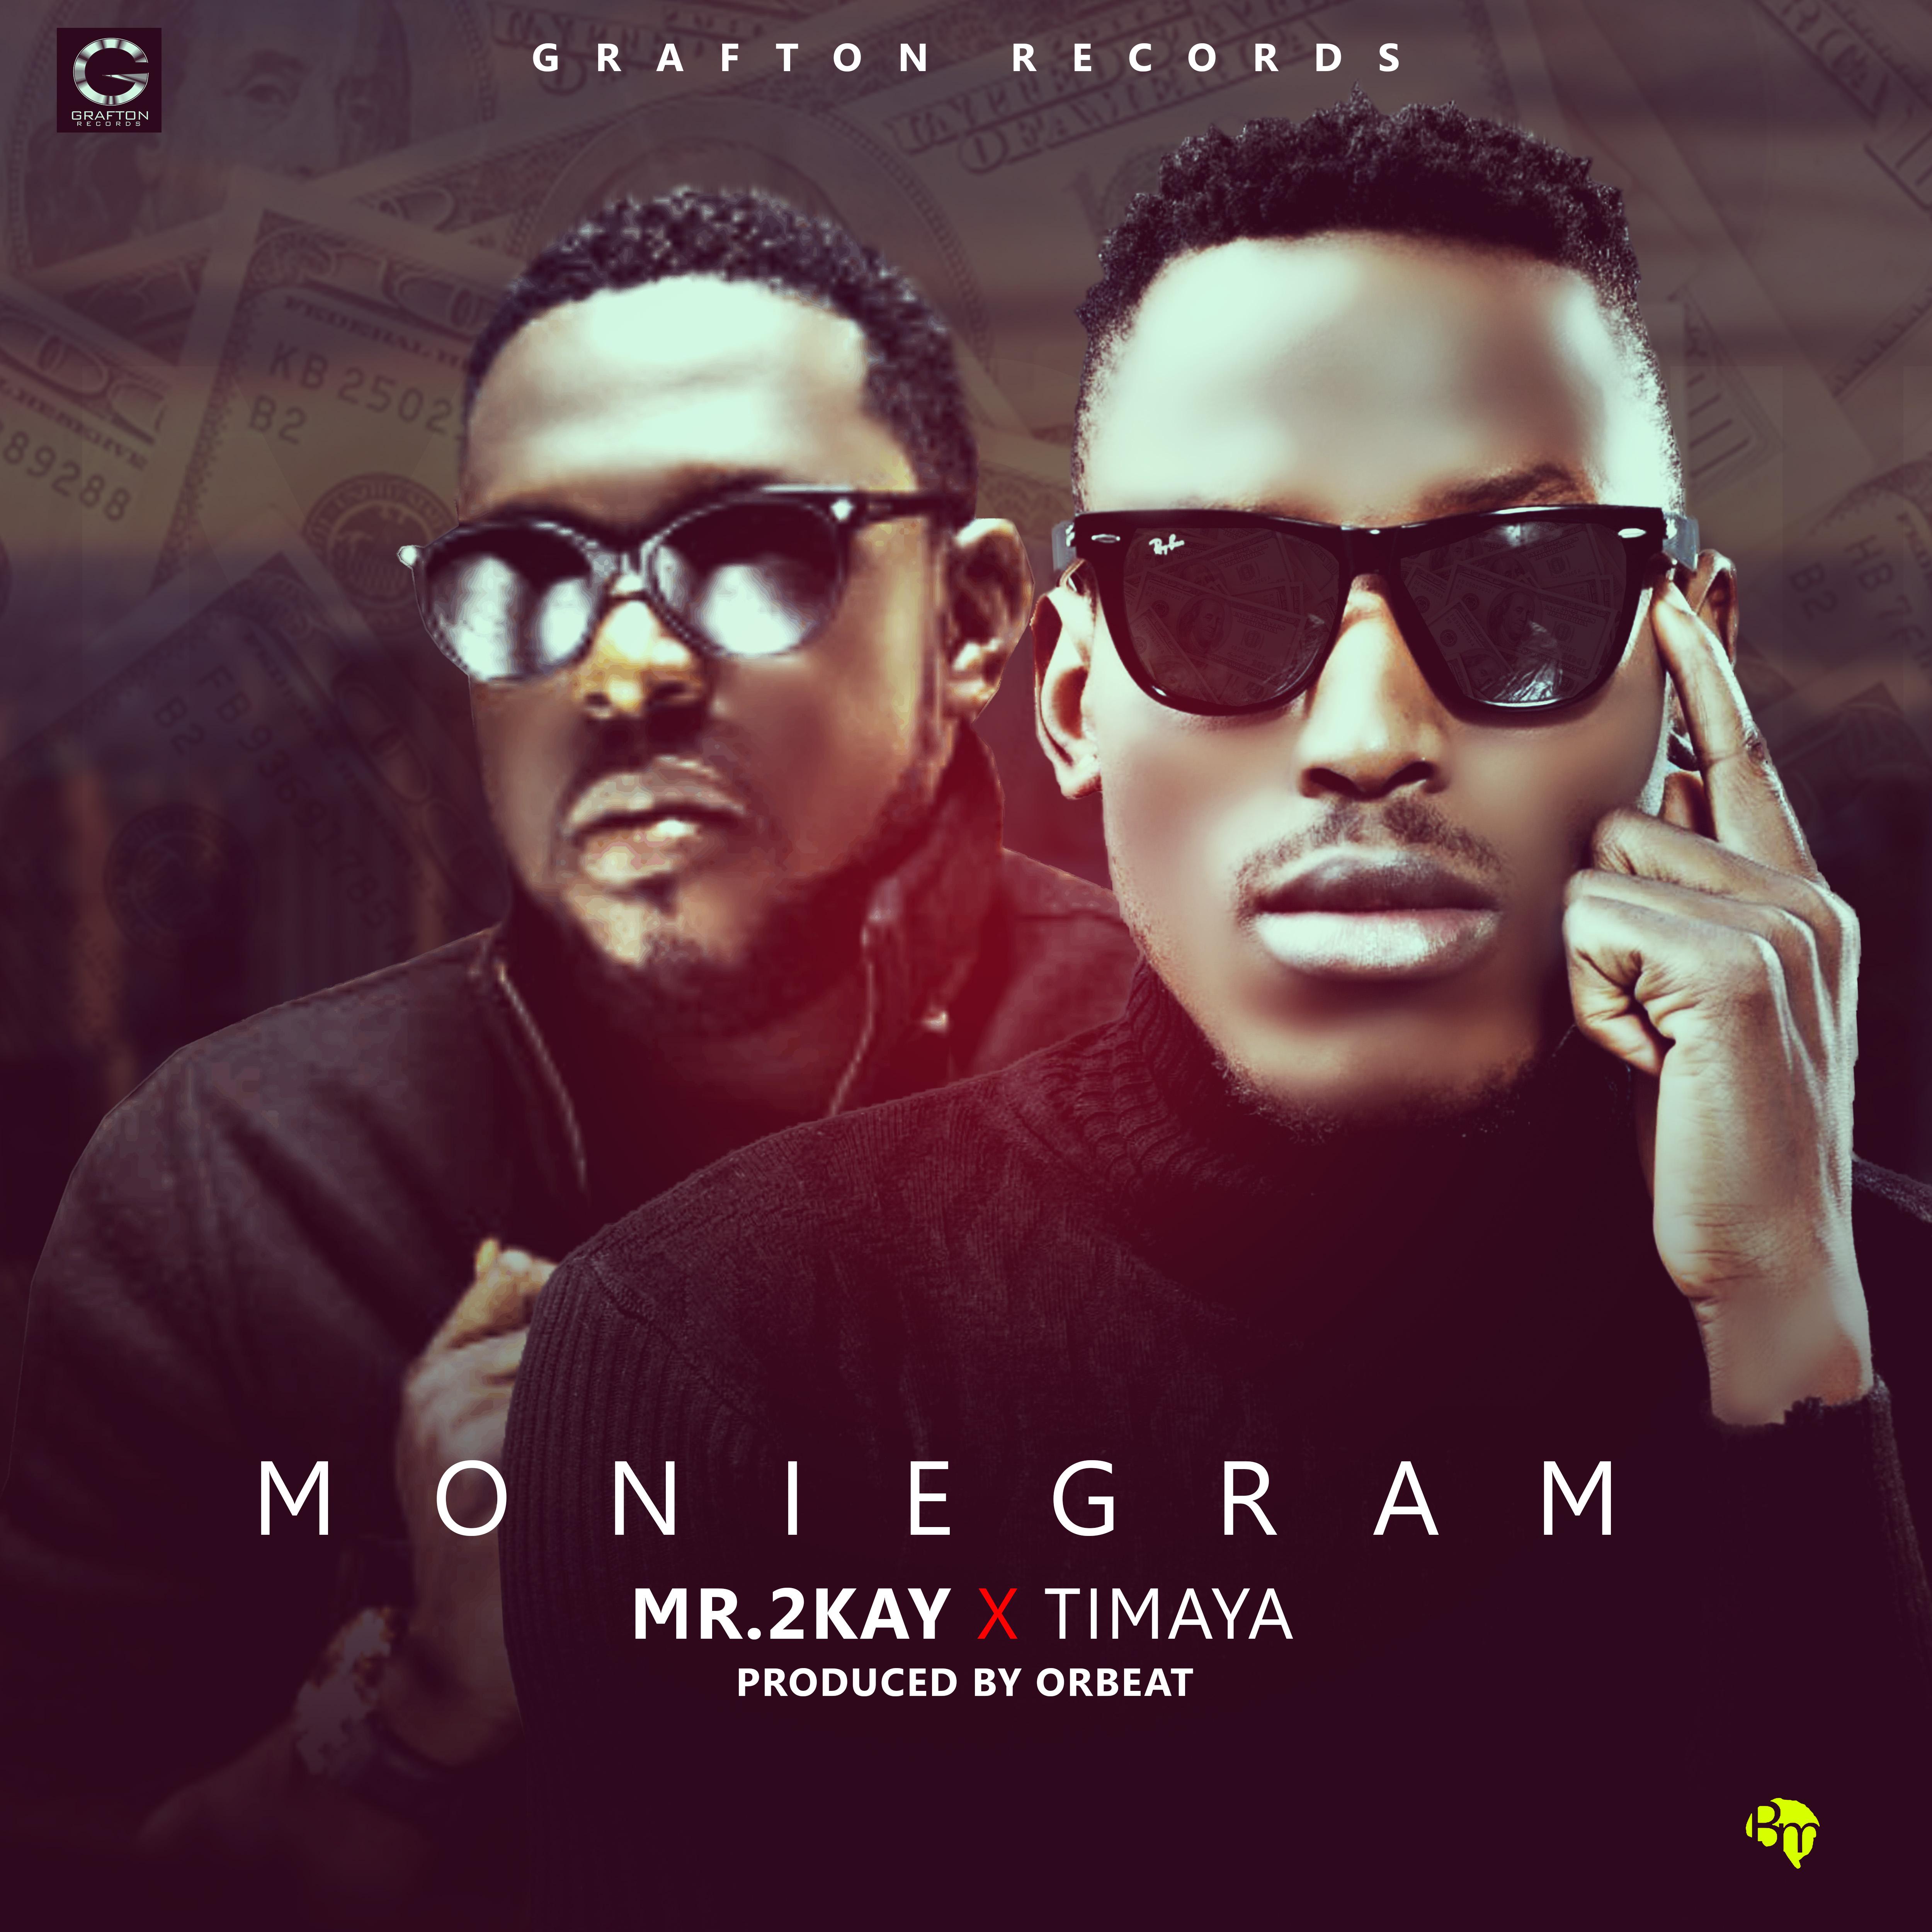 moniegram-online